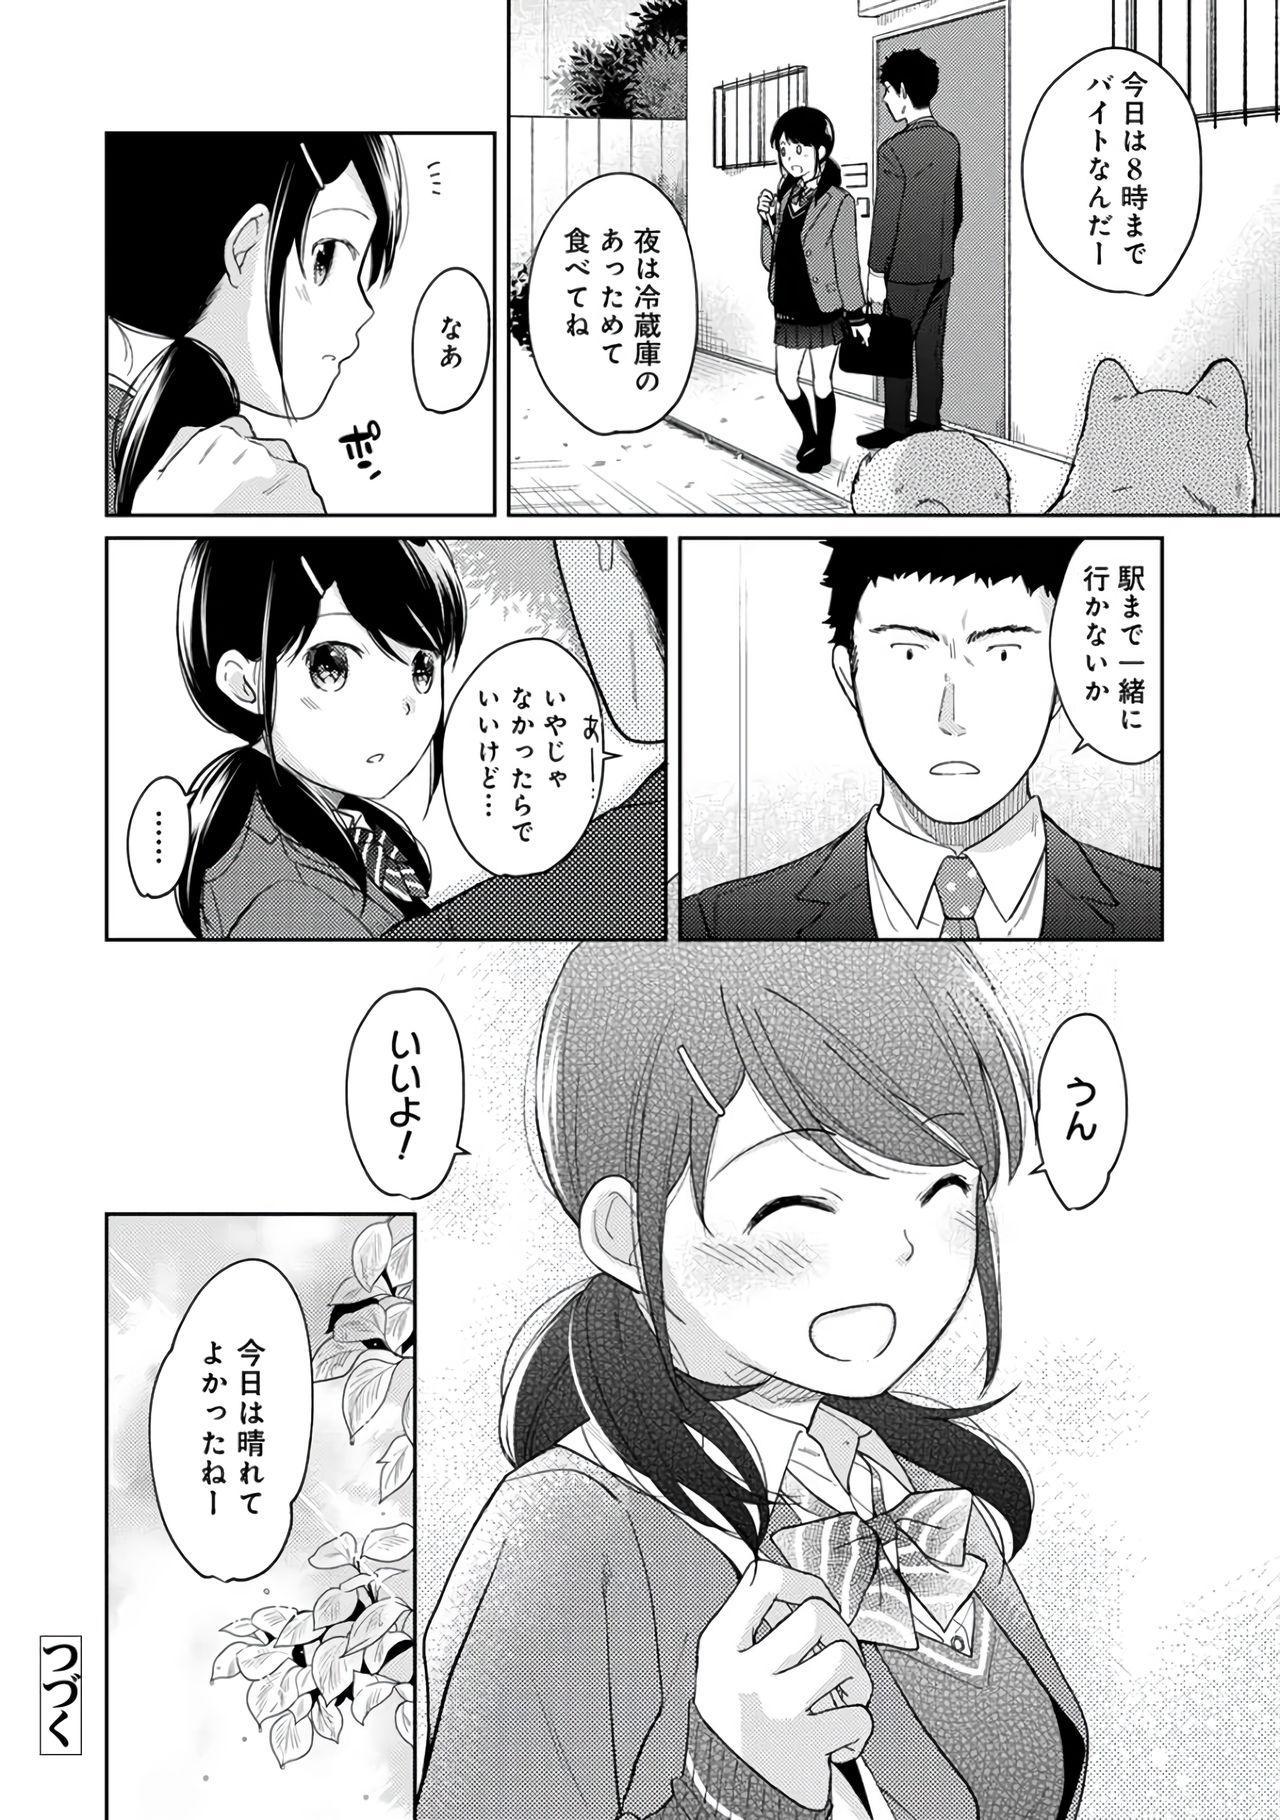 1LDK+JK Ikinari Doukyo? Micchaku!? Hatsu Ecchi!!? Vol.2 137